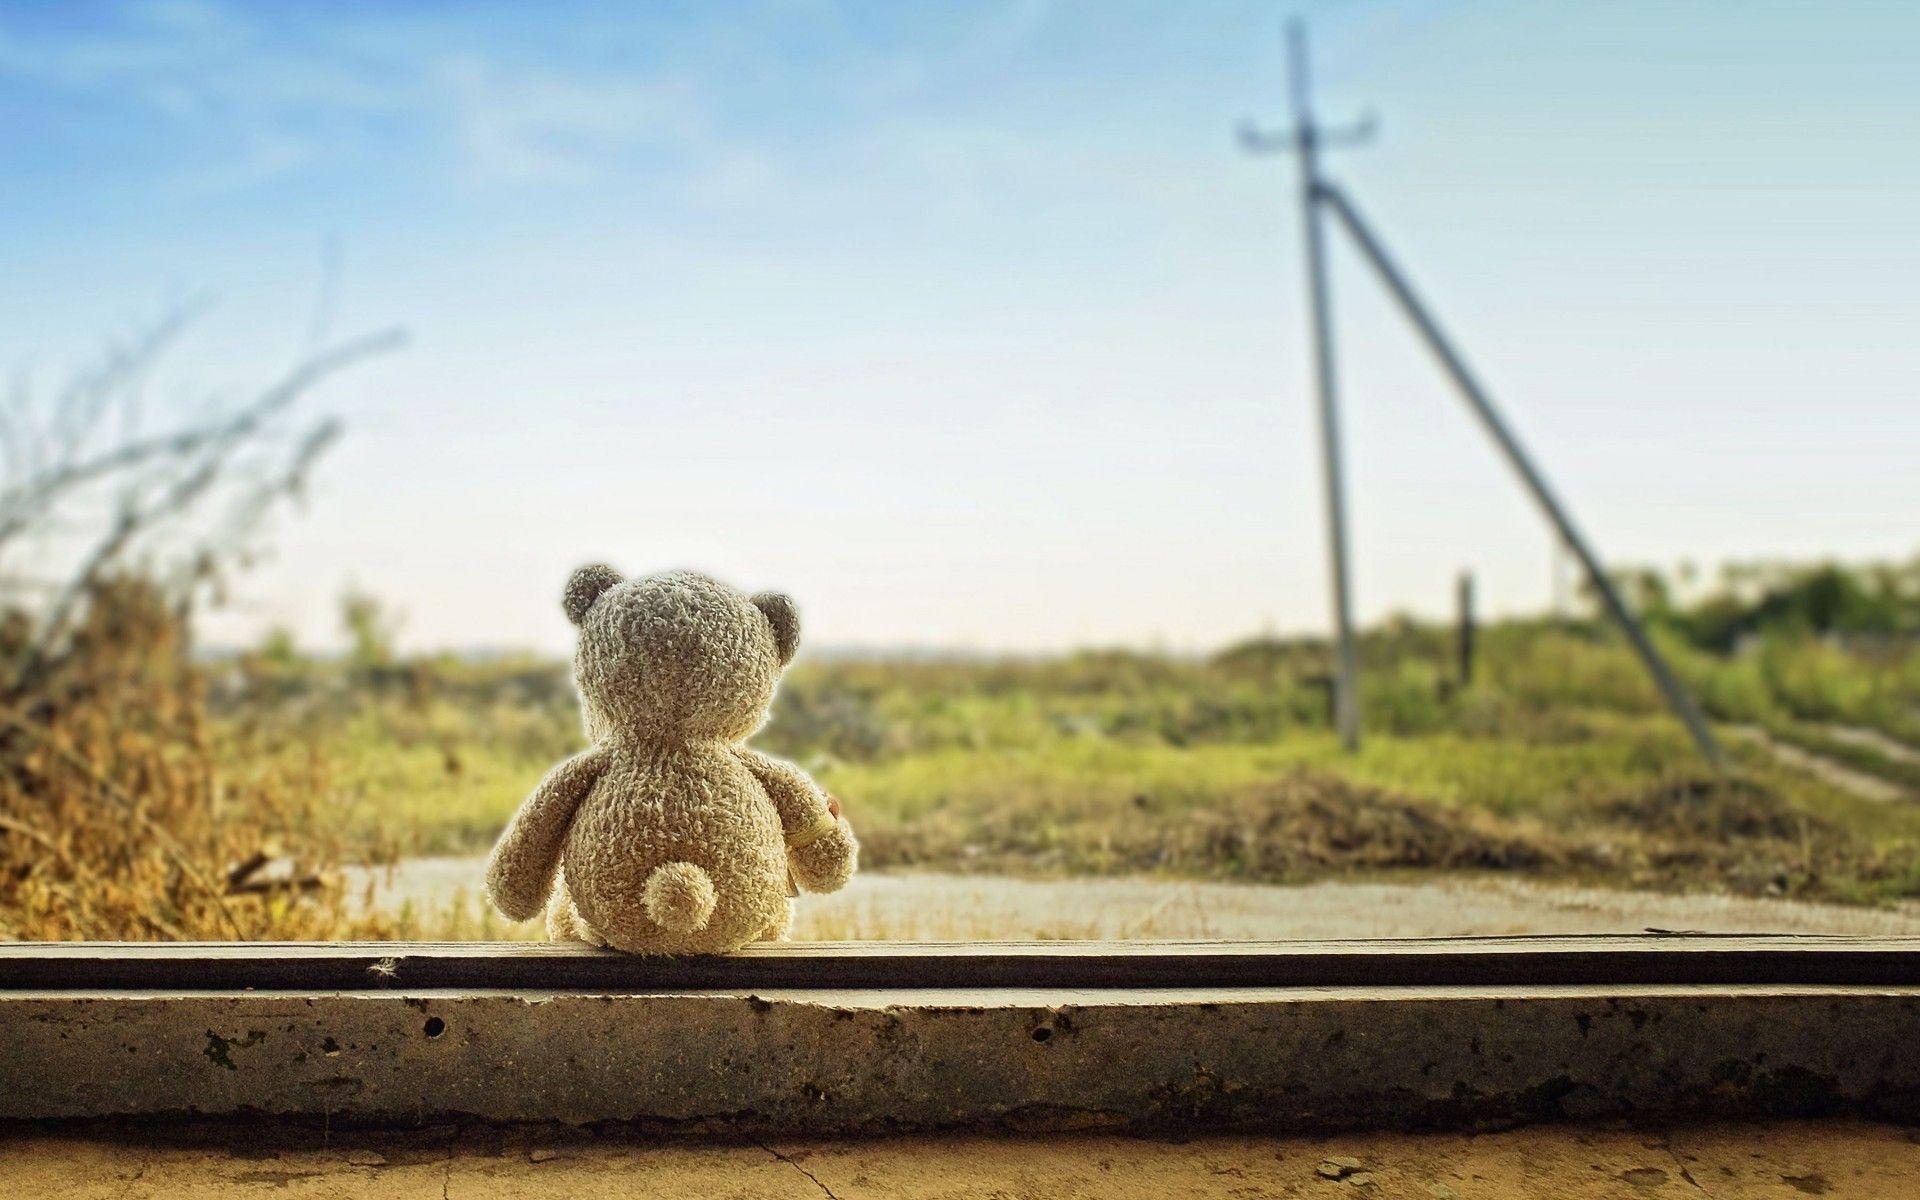 A Lonely Teddy Bear